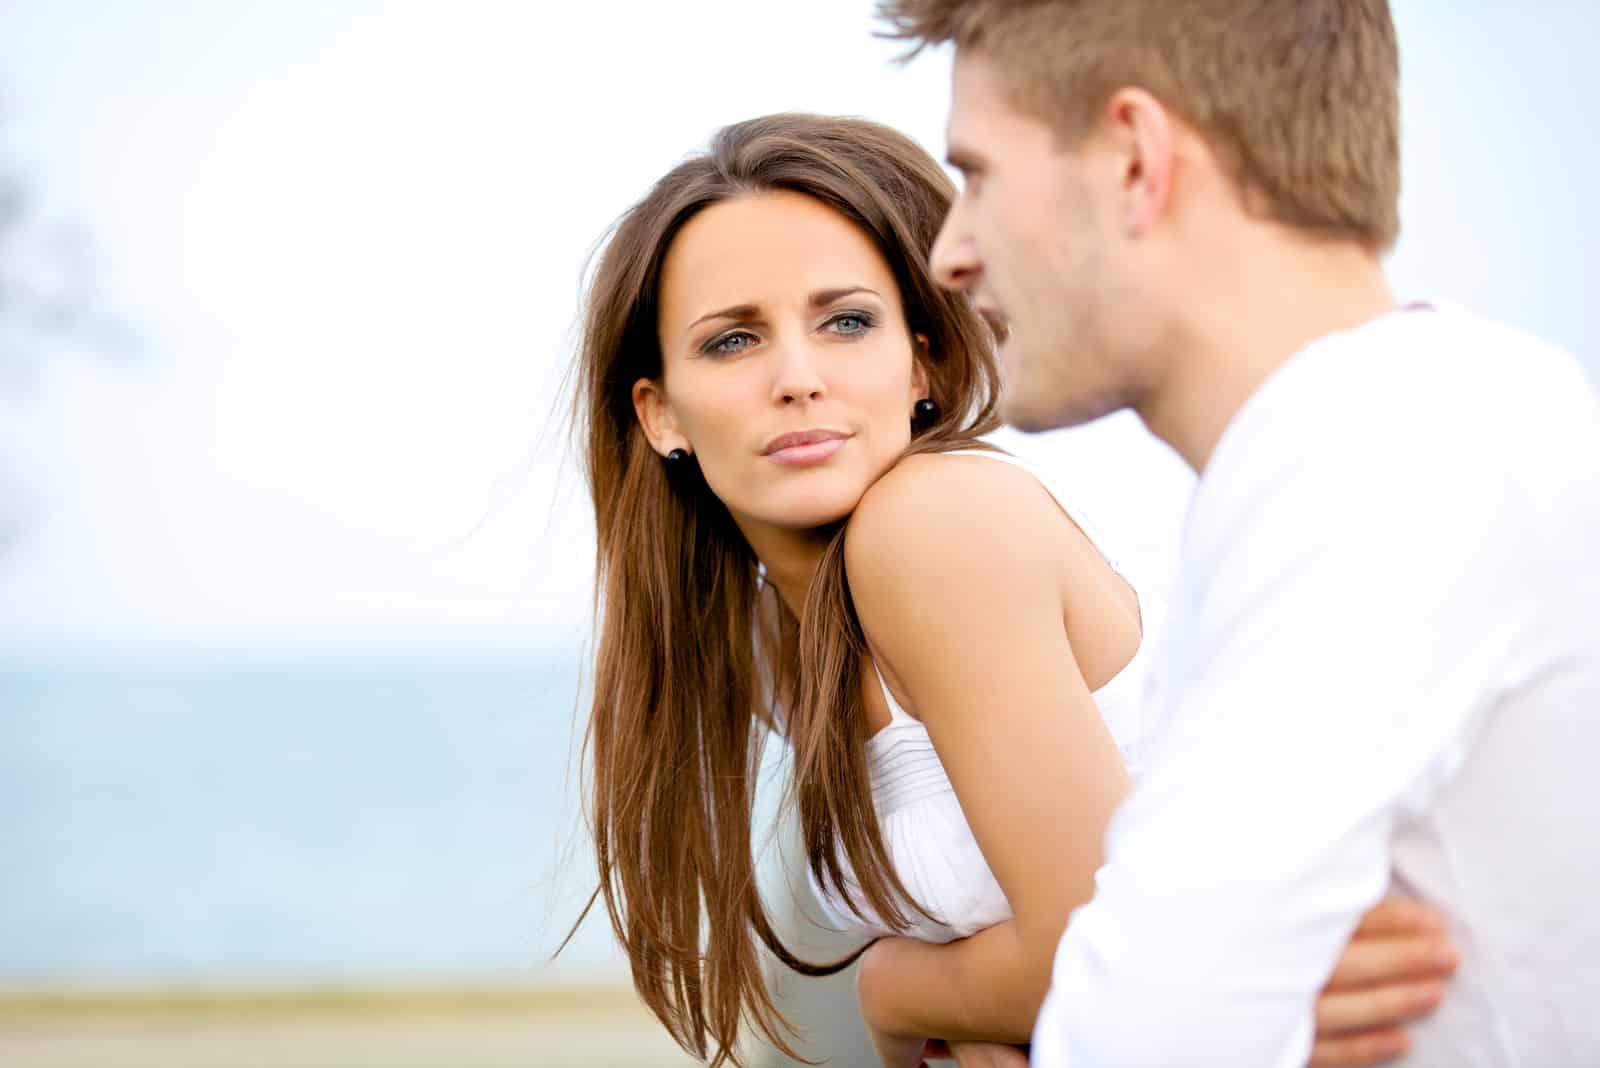 Ein Mann und eine Frau sehen sich an, während sie reden